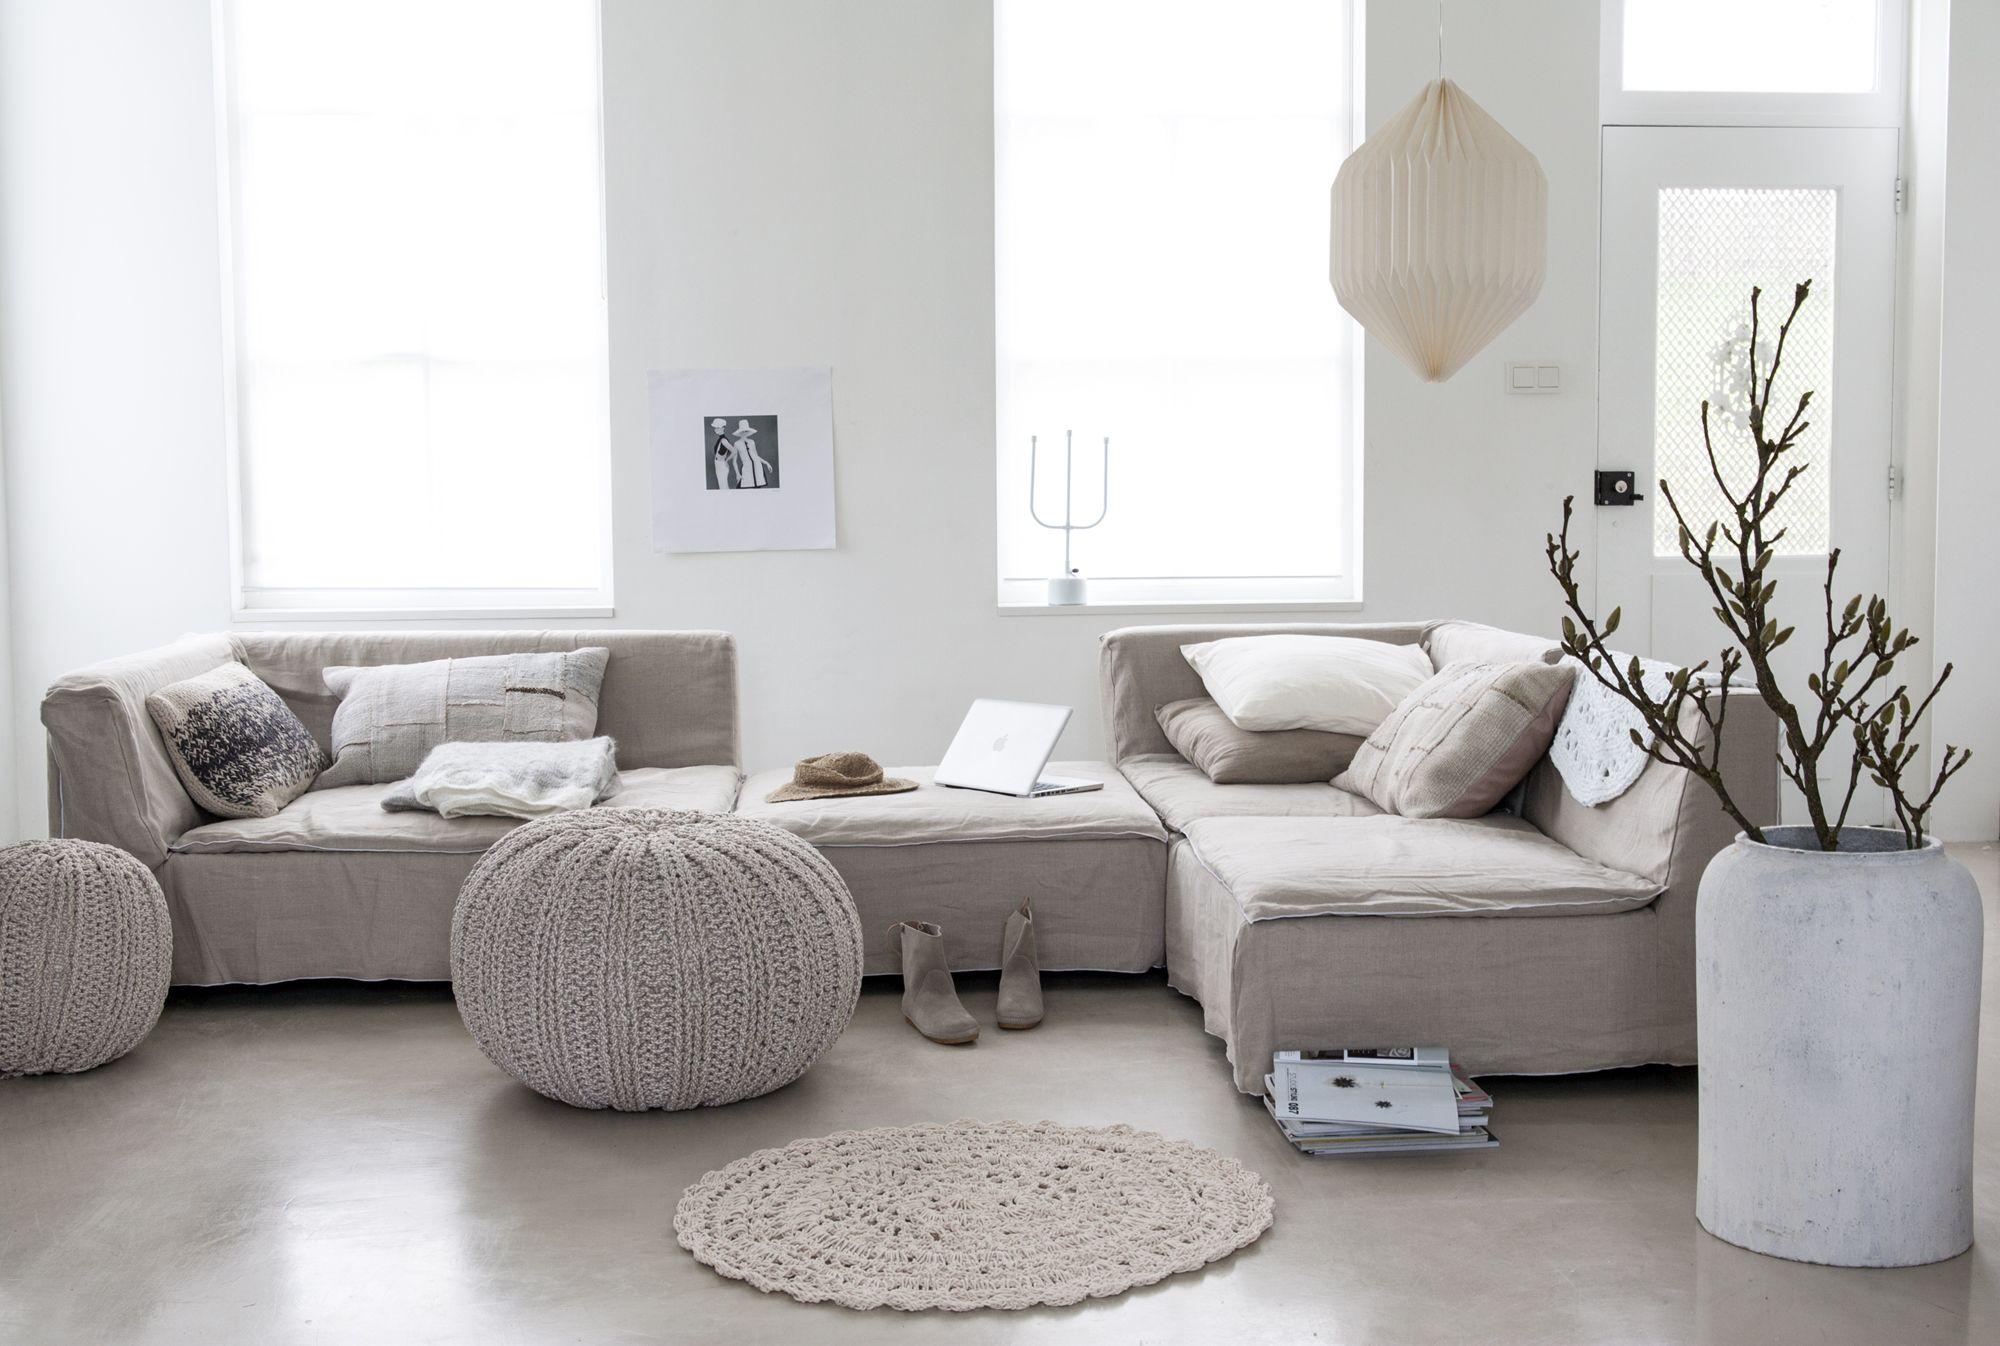 licht grijze bank woonkamer ideeen - Google zoeken | Future home ...